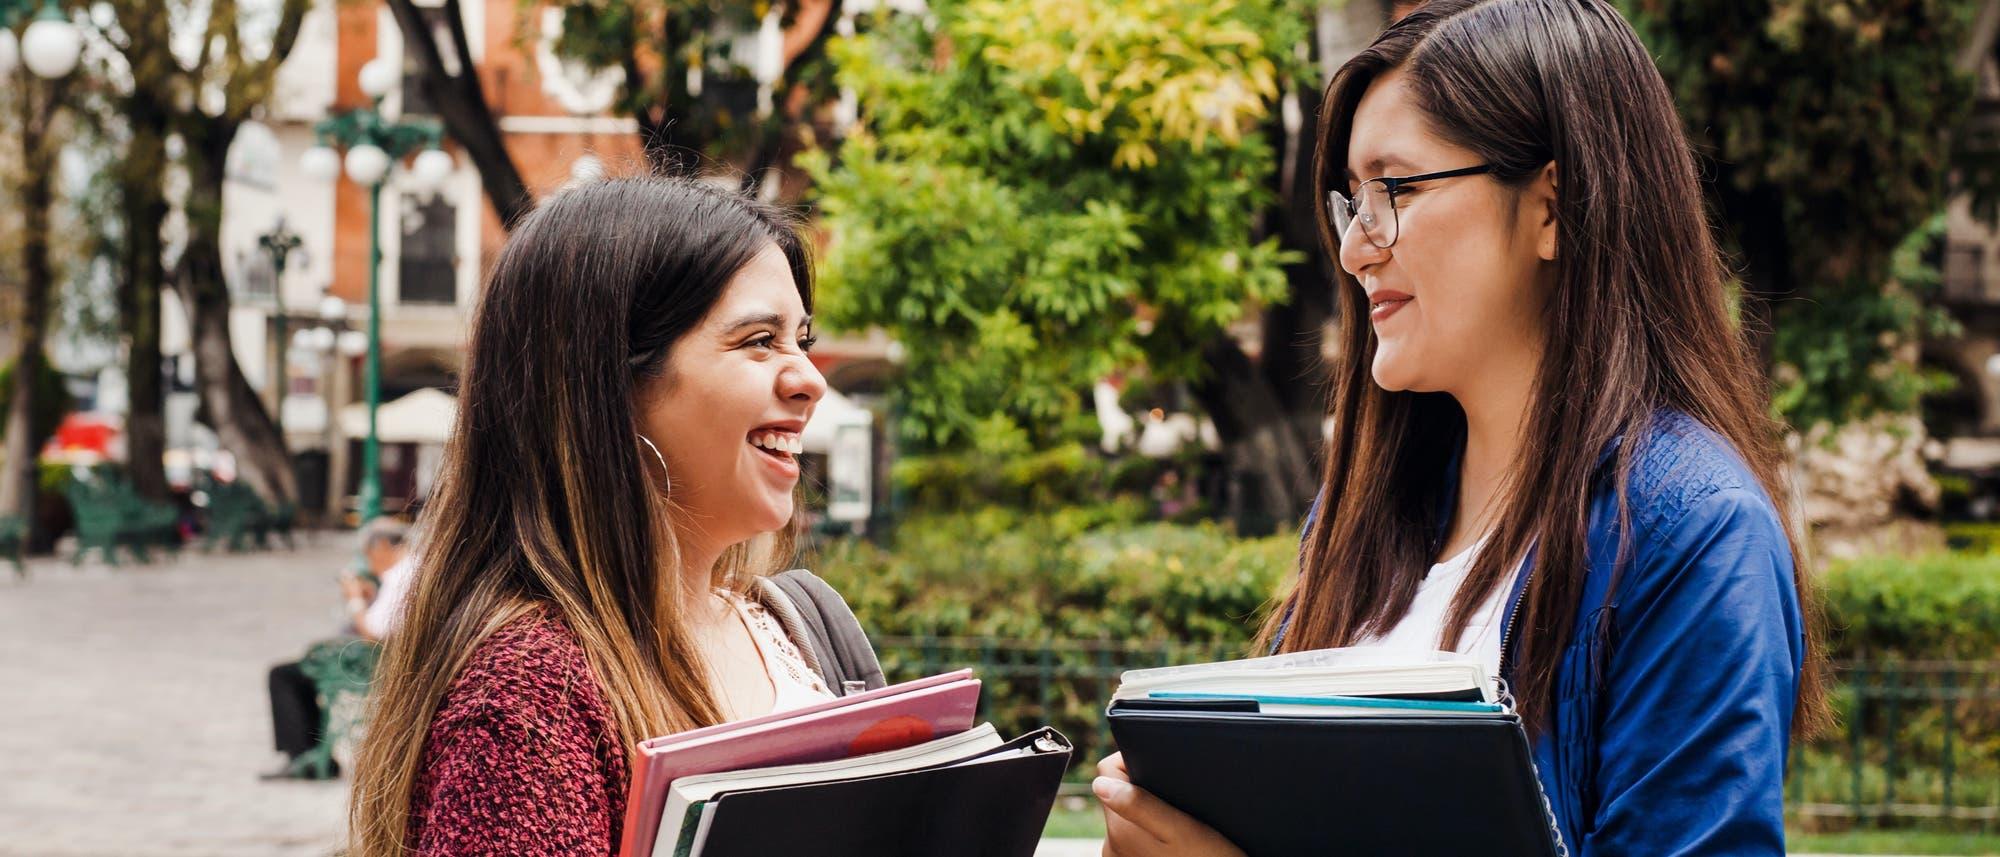 Zwei Studentinnen unterhalten sich auf dem Campus